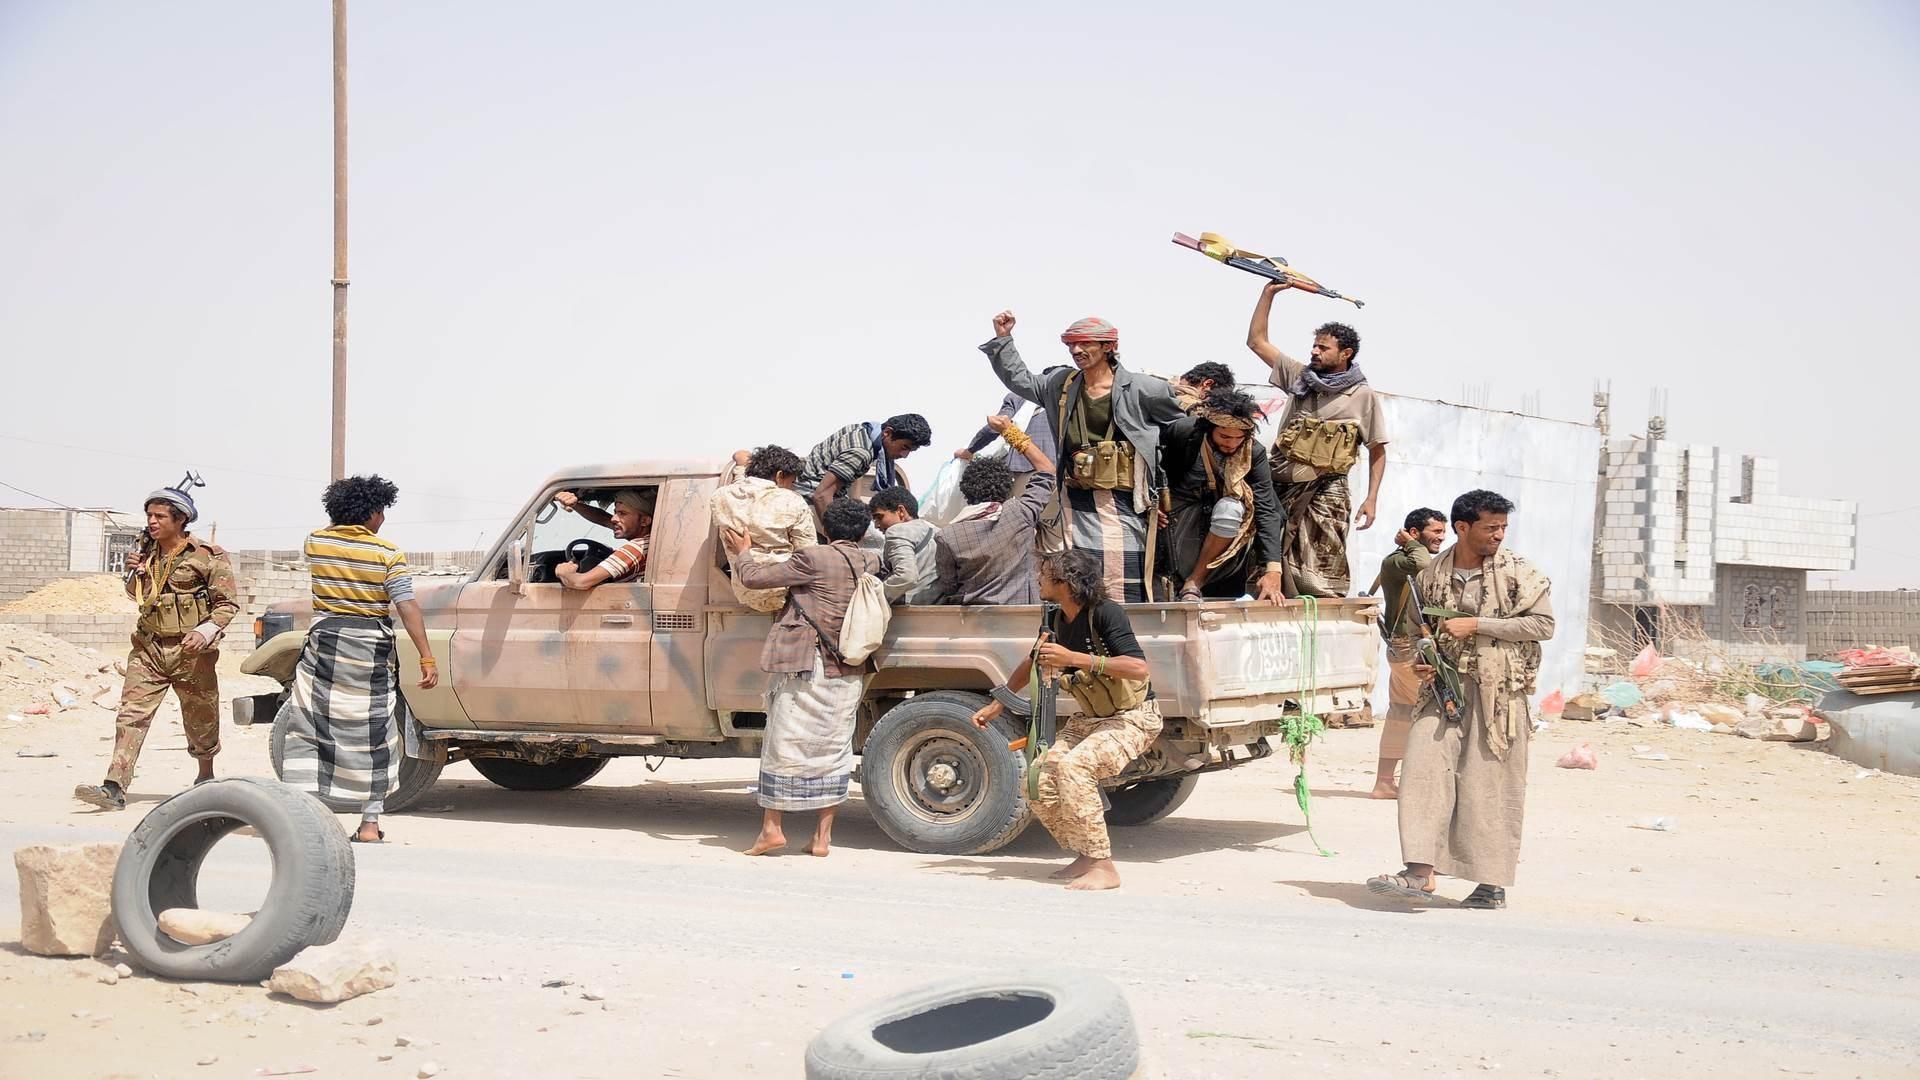 مصدر عسكري: زحف قوات التحالف السعودي استغرق 4 ساعات متتالية دون تحقيق أي تقدم يذكر